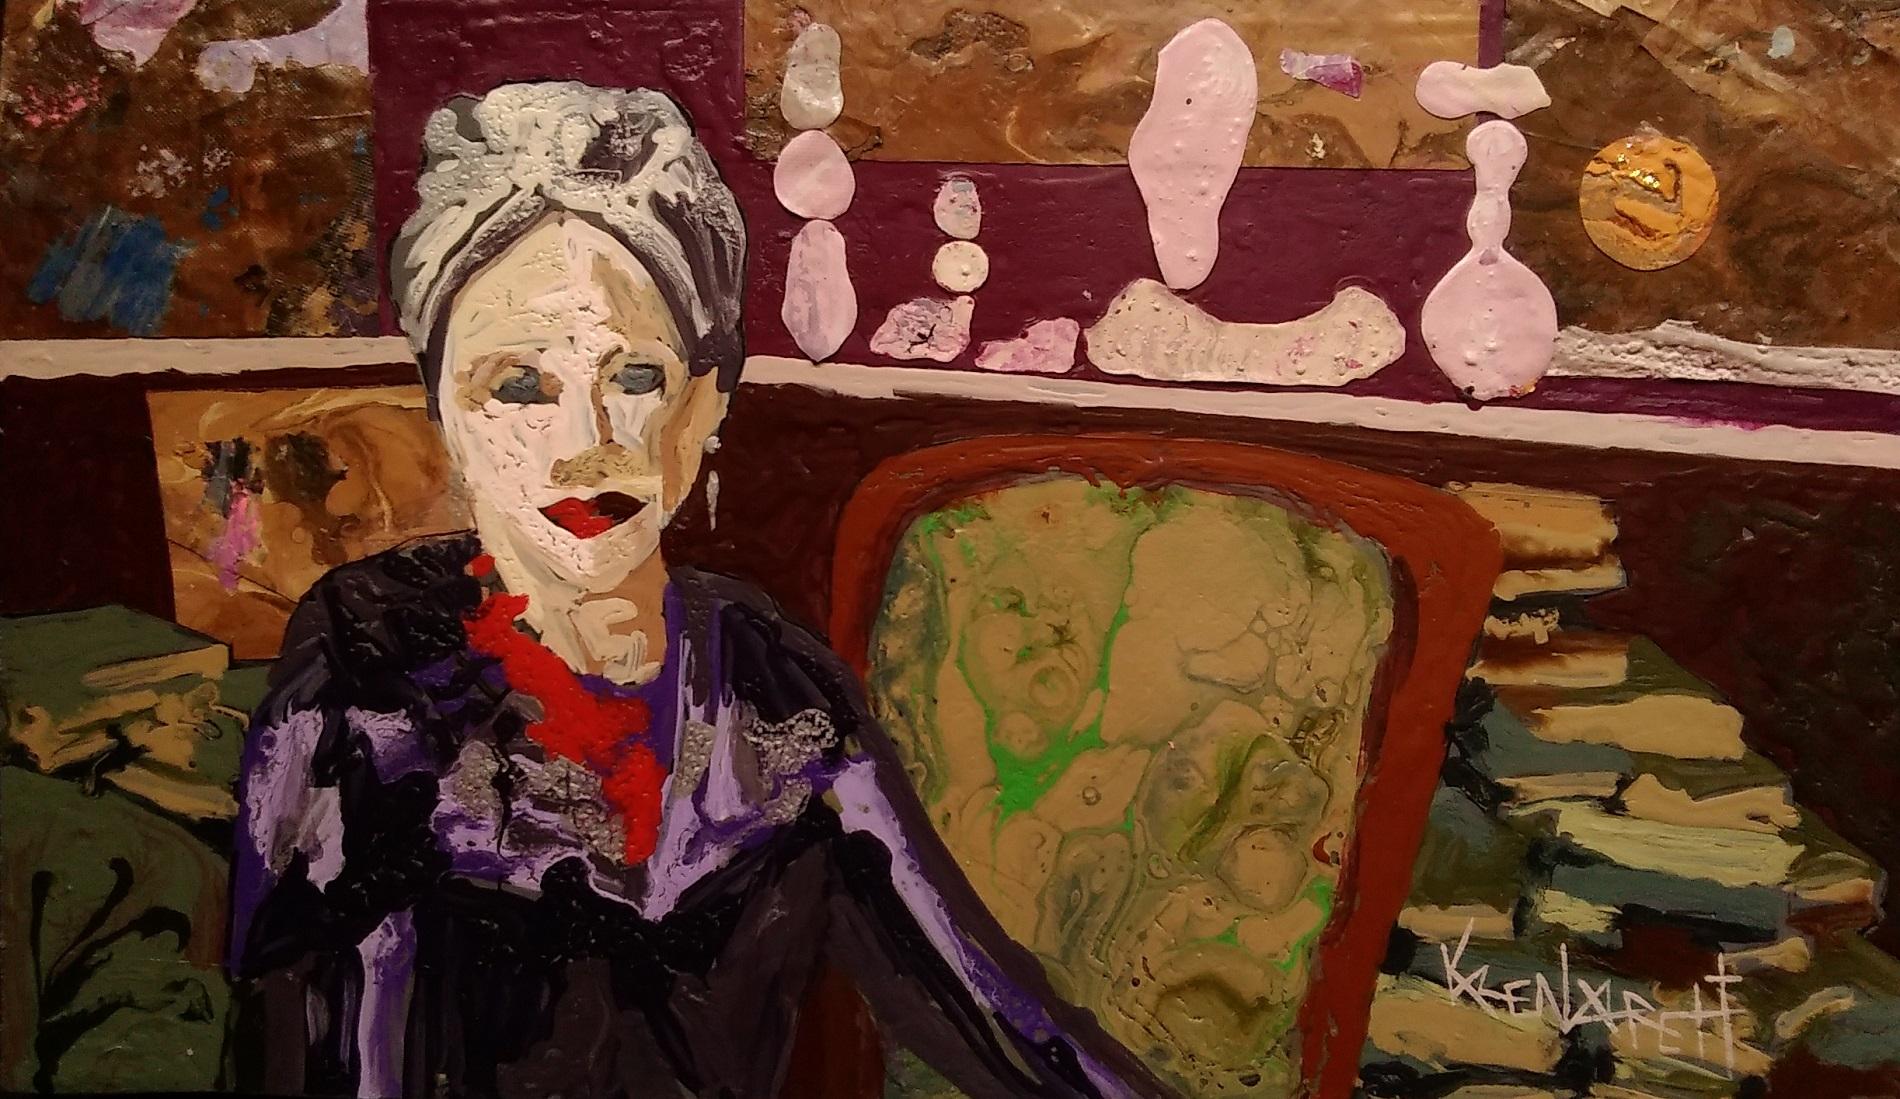 karen_garrett_flat_sculpture_adrienne_eloise_vonderstein_portrait_$850_sold